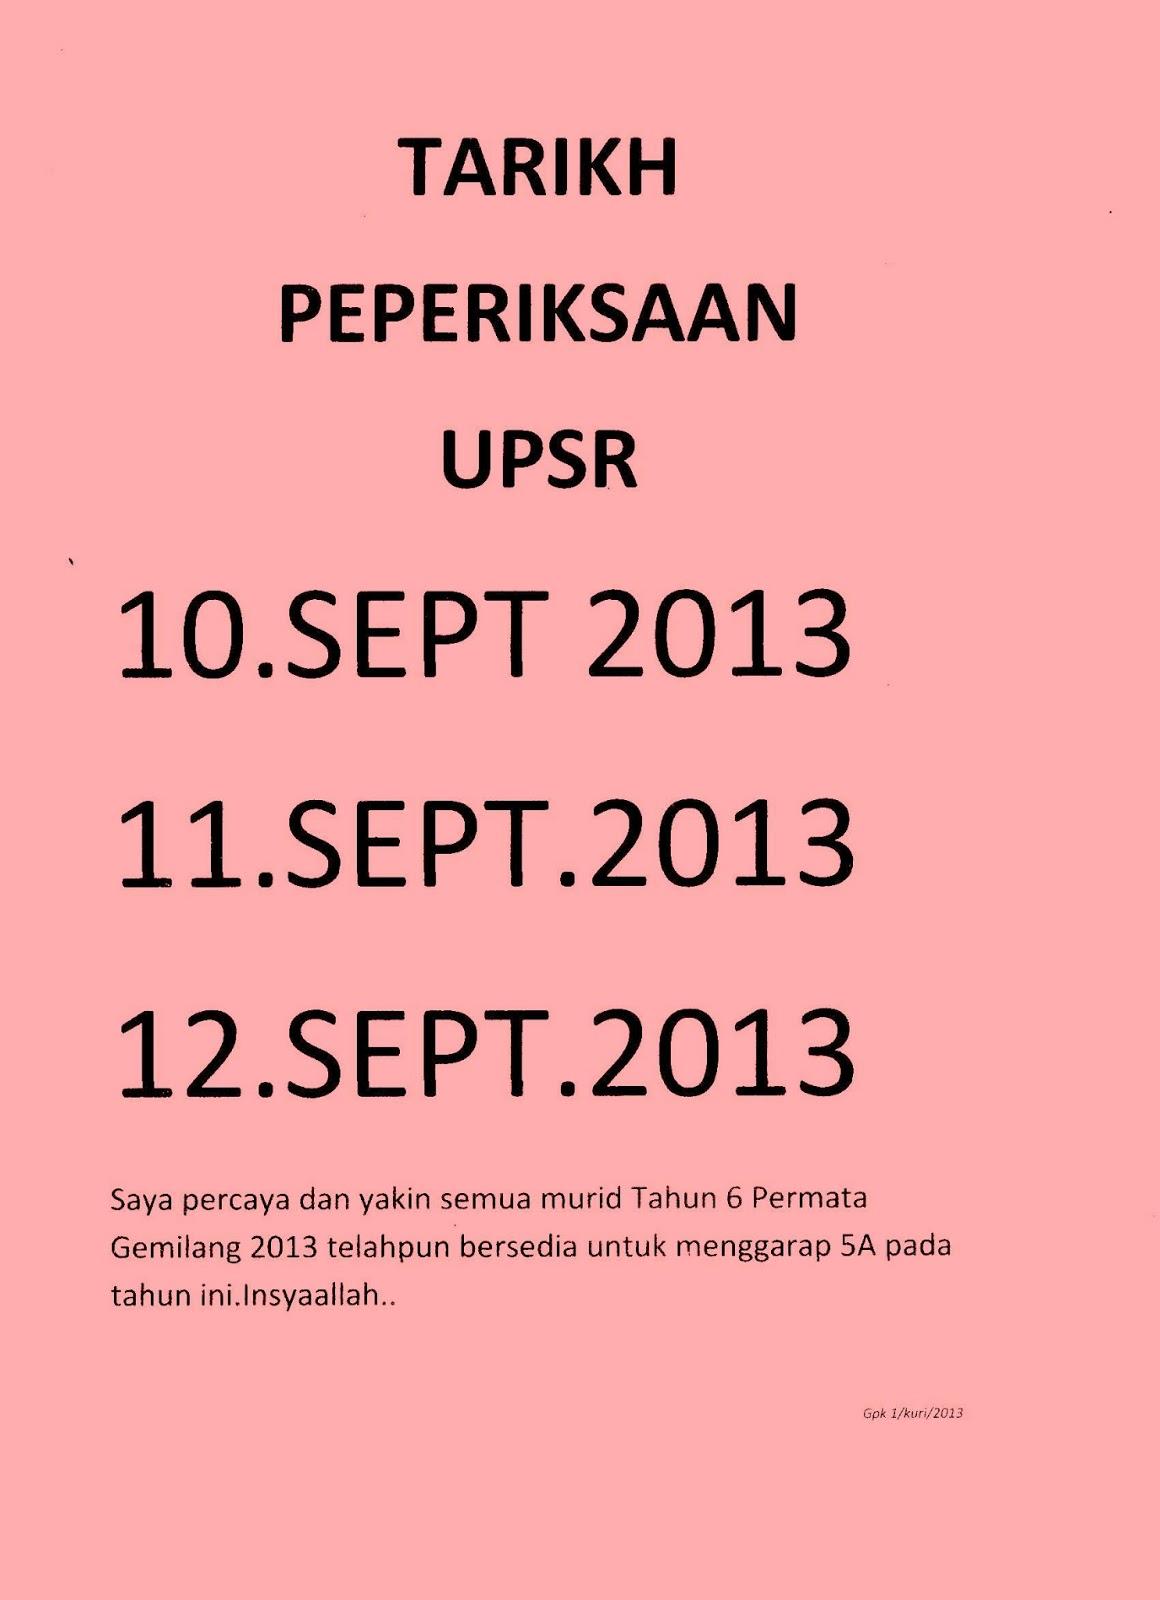 TARIKH PEPERIKSAAN UPSR 2013